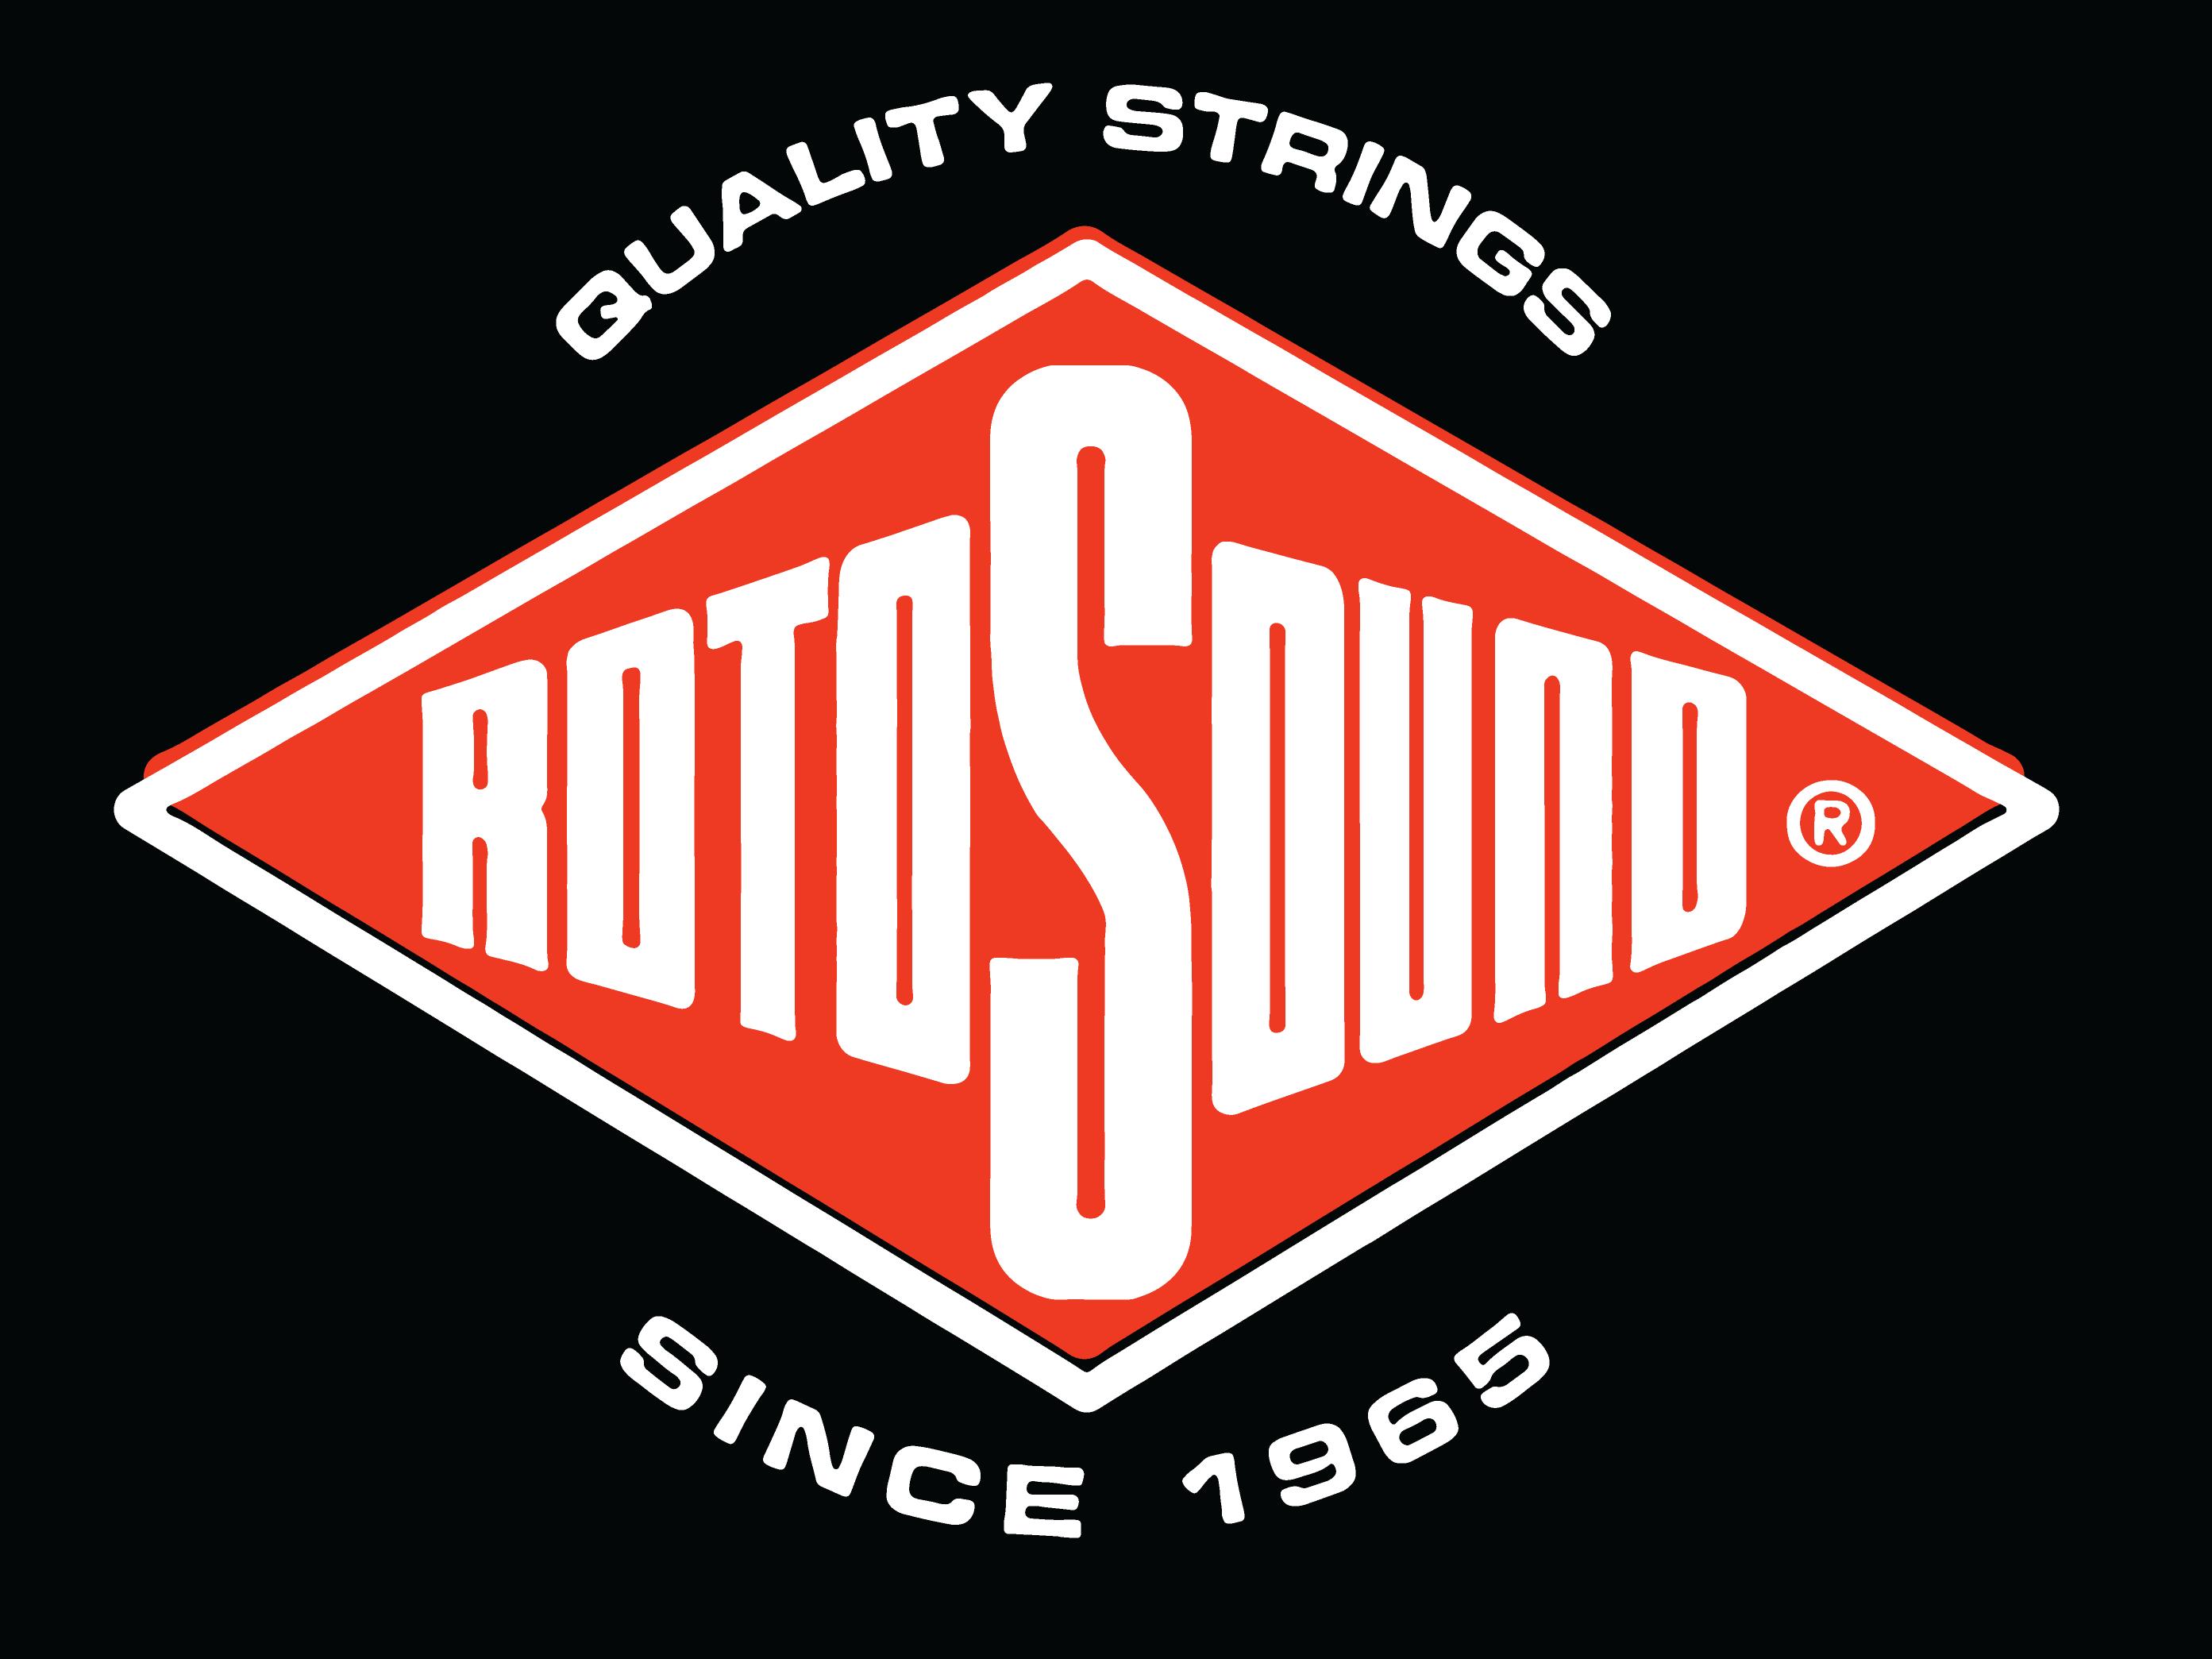 Saos rotosound swing bass 50th apparel design contest rev 01 05